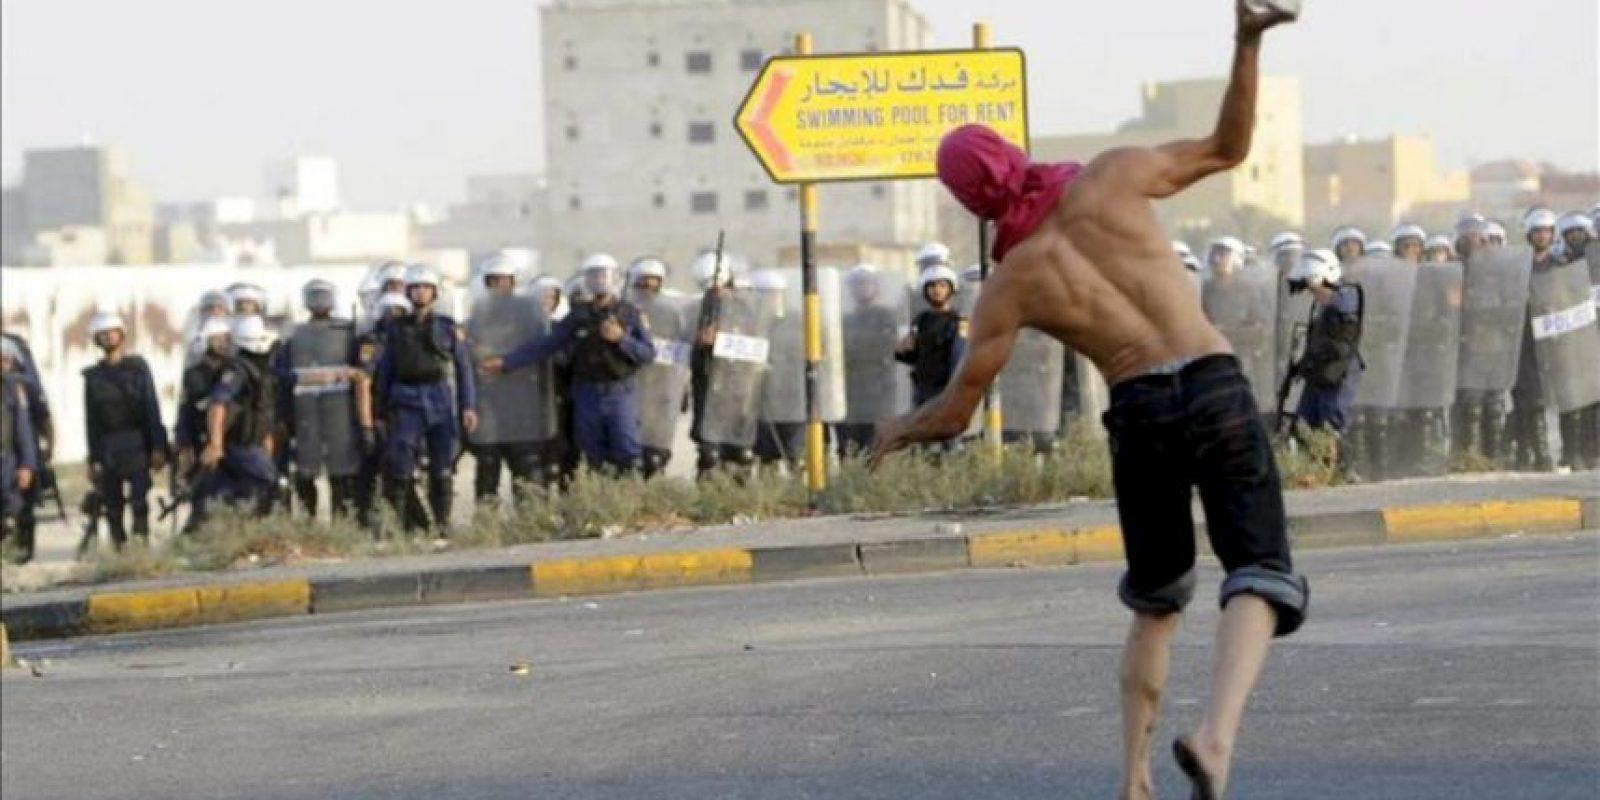 Un manifestante se enfrenta con la policía tras el funeral de un adolescente de 17 años, muerto a manos de la policía en Sadad, Baréin, hoy 29 de septiembre de 2012.Un adolescente de 17 años murió anoche en Baréin tras recibir disparos de perdigones de la policía cuando participaba en una protesta antigubernamental, informaron hoy fuentes oficiales y testigos presenciales. Ali Hasan Namah falleció en la aldea de Sadad, al noroeste de Manama por las heridas que le causaron los perdigones disparados a quemarropa por la policía, lo que le convirtió en el segundo menor en morir en circunstancias similares en los dos últimos meses. EFE